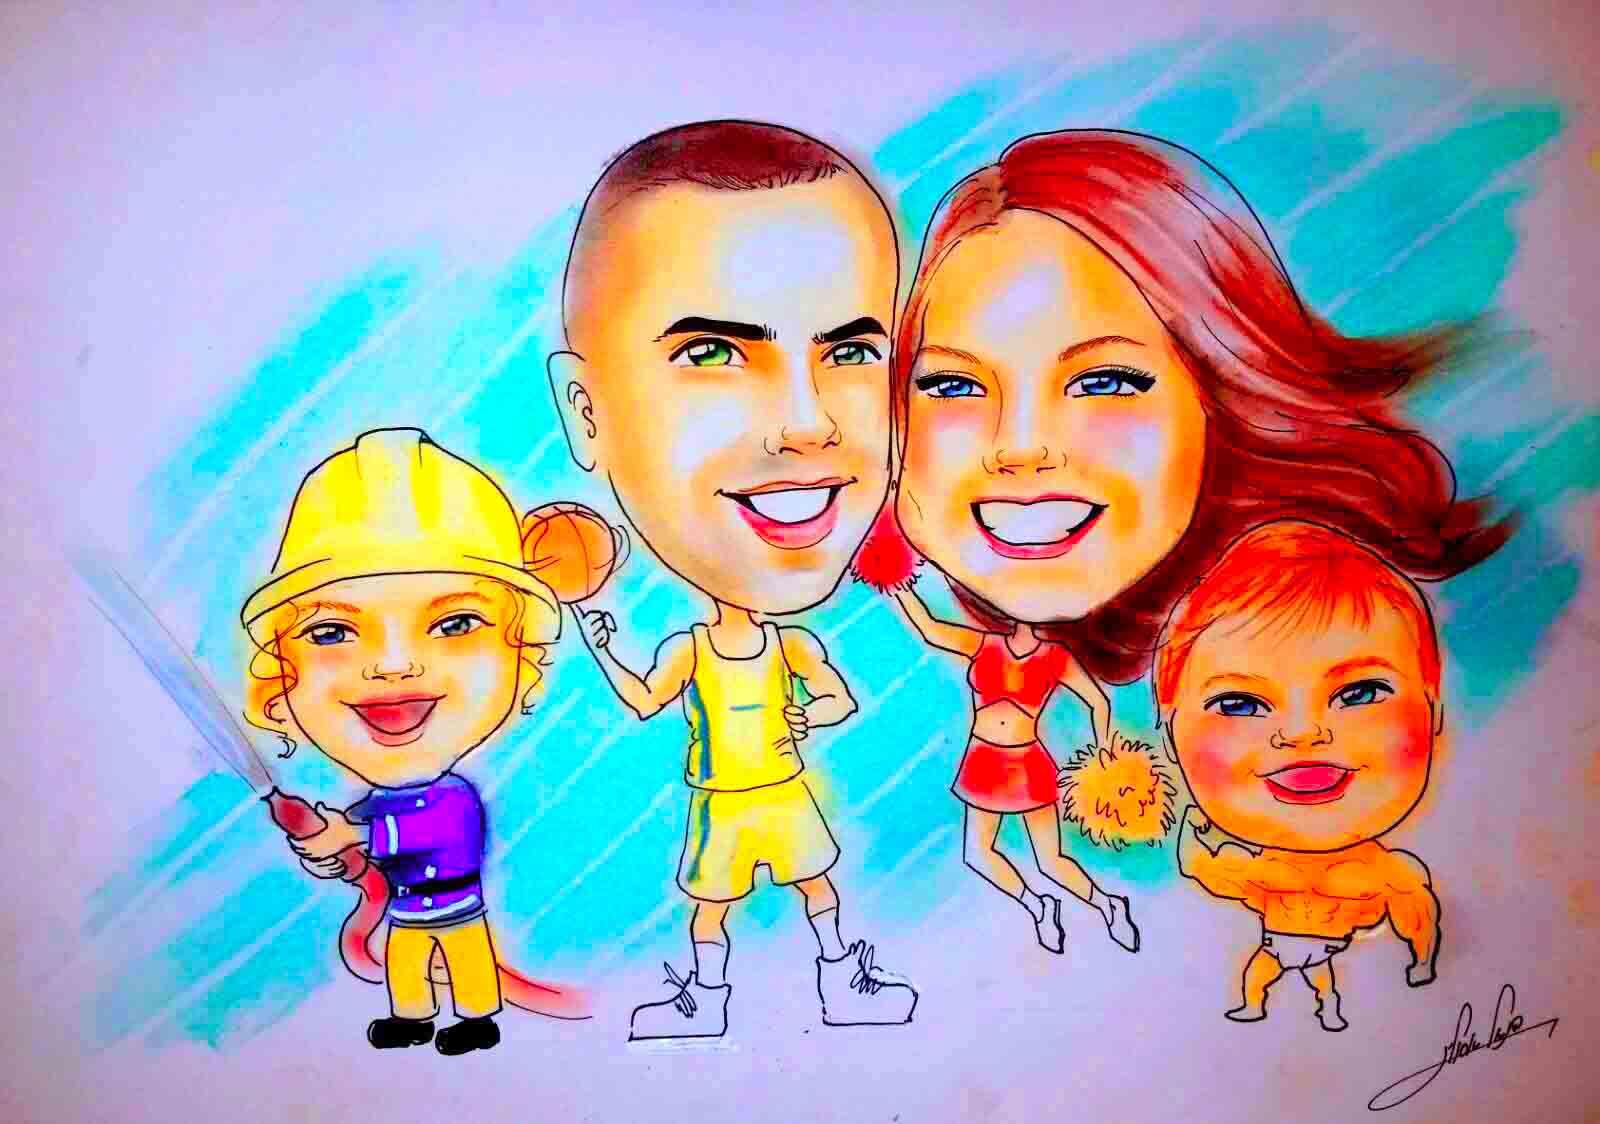 ציור קריקטורה משפחתי מקצועי כחוויה ומתנה למשפחה כמזכרת מאירוע מיוחד